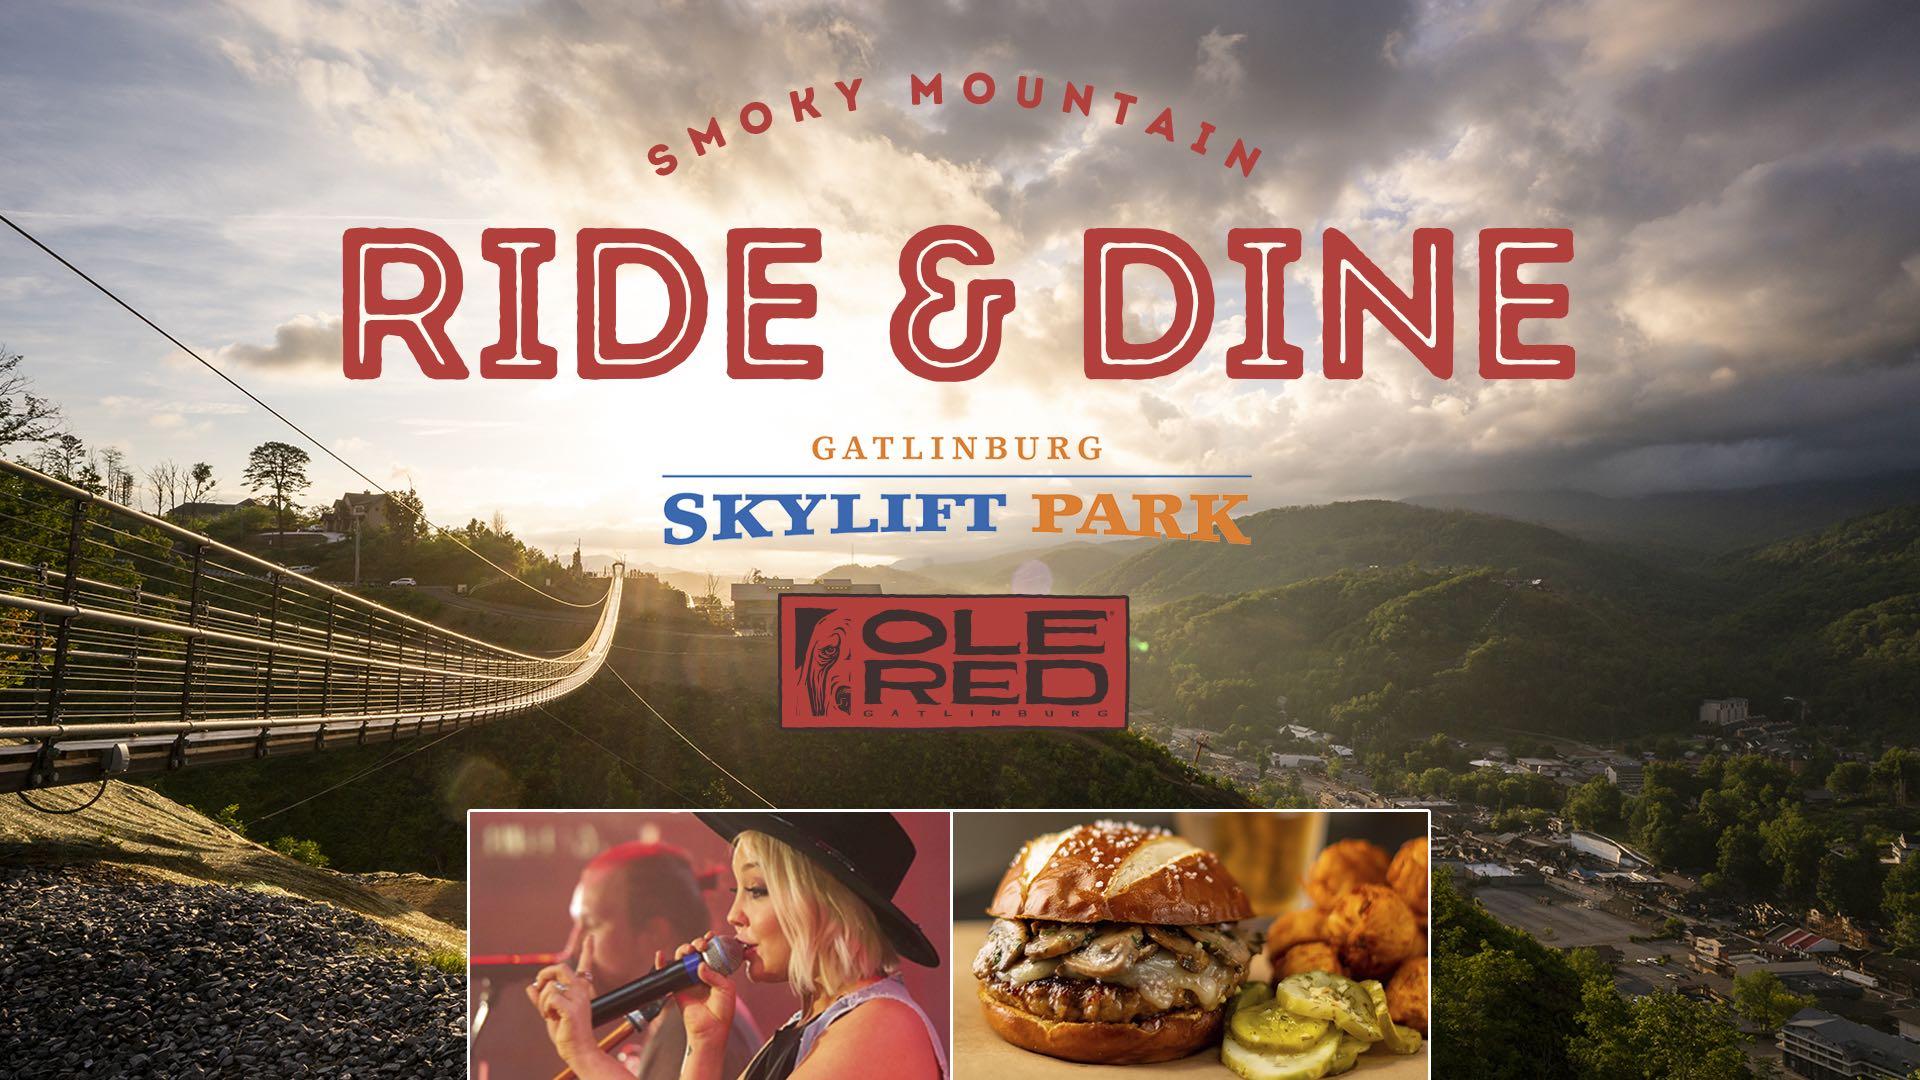 Smoky Mountain Ride & Dine